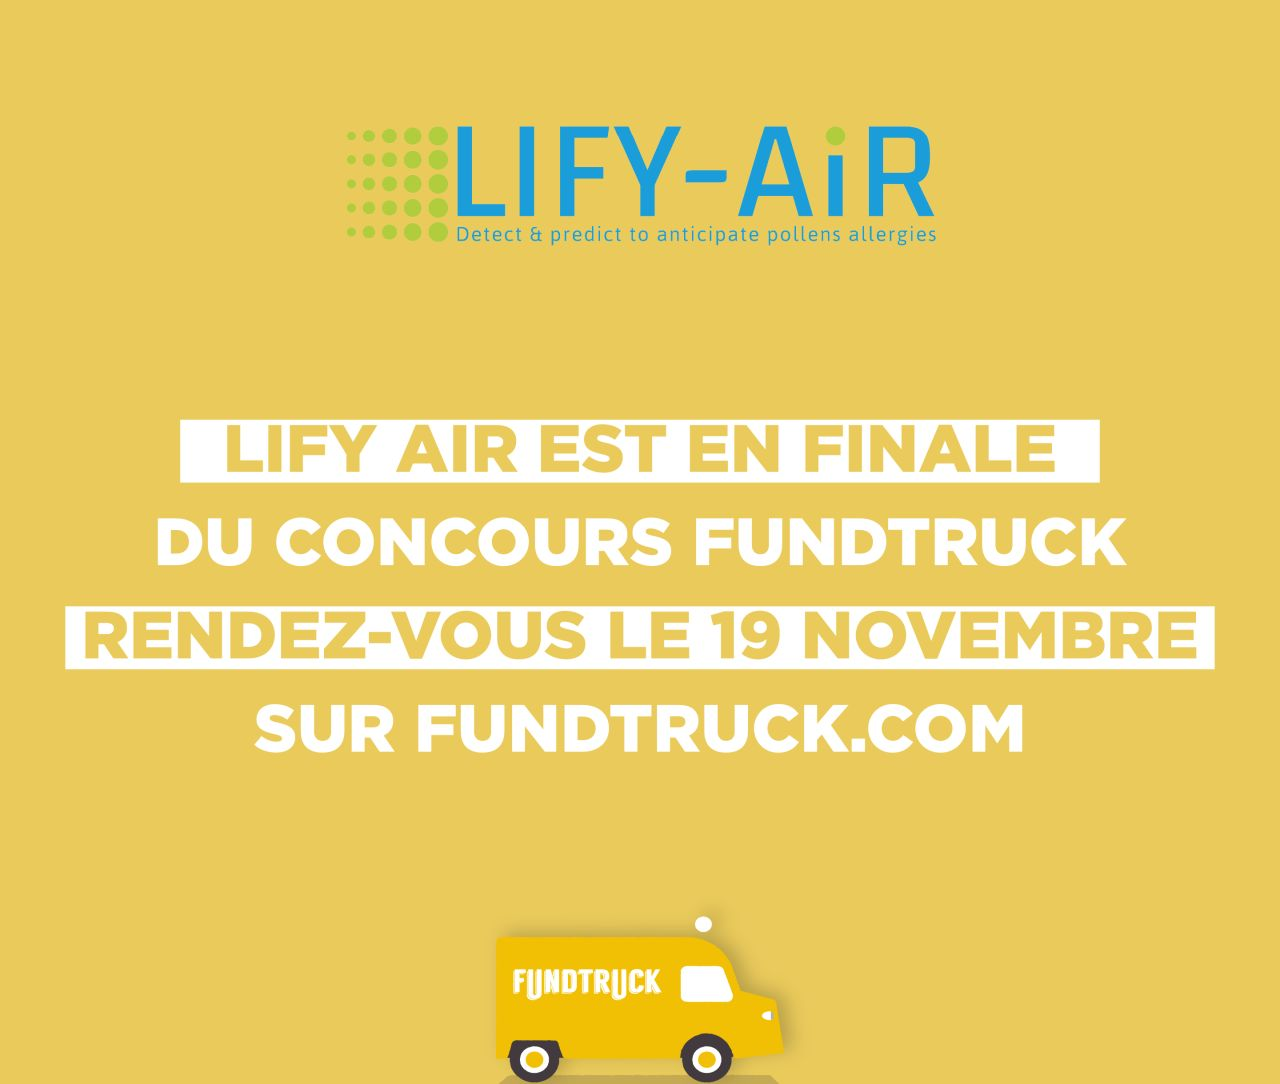 Fund-truck-Lify-air-Finaliste